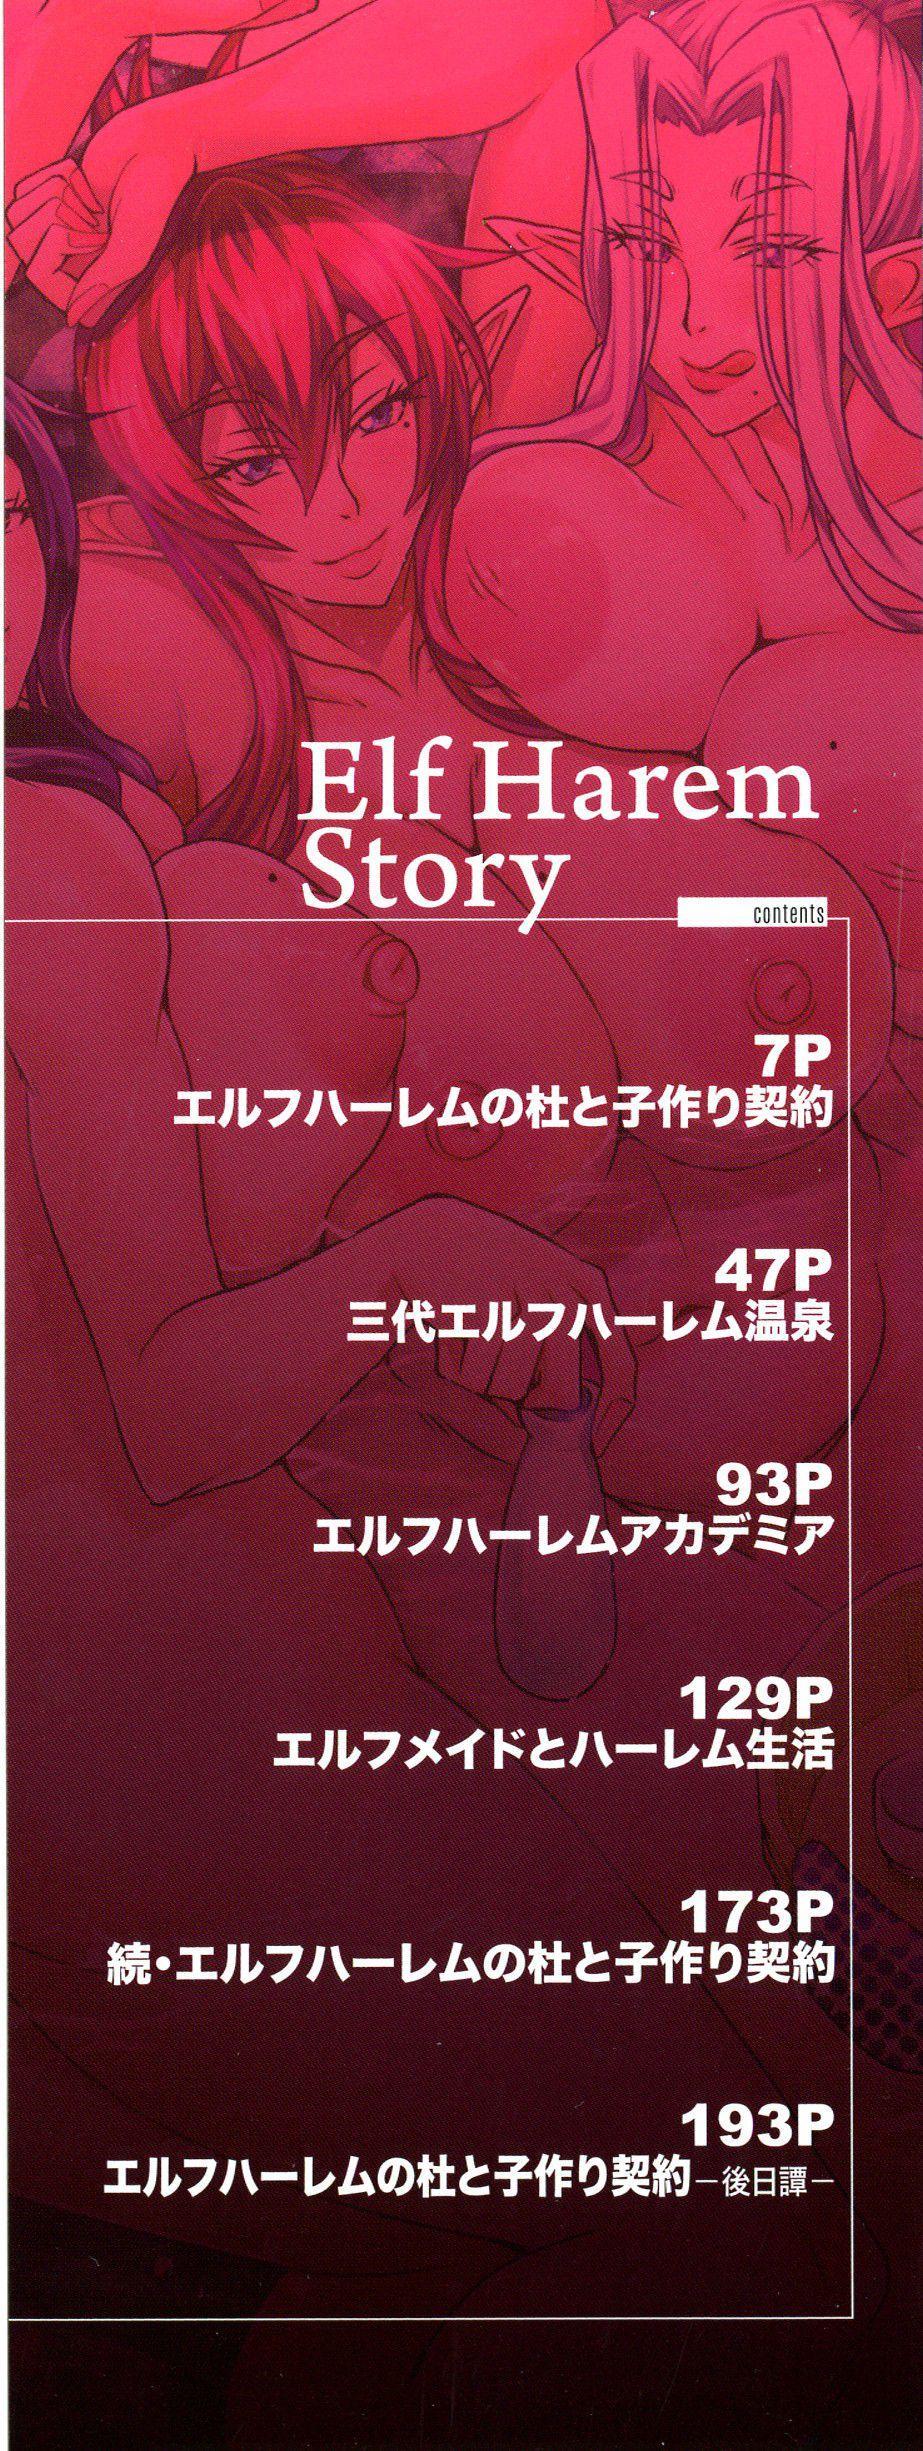 Elf Harem Monogatari - Elf Harem Story 2